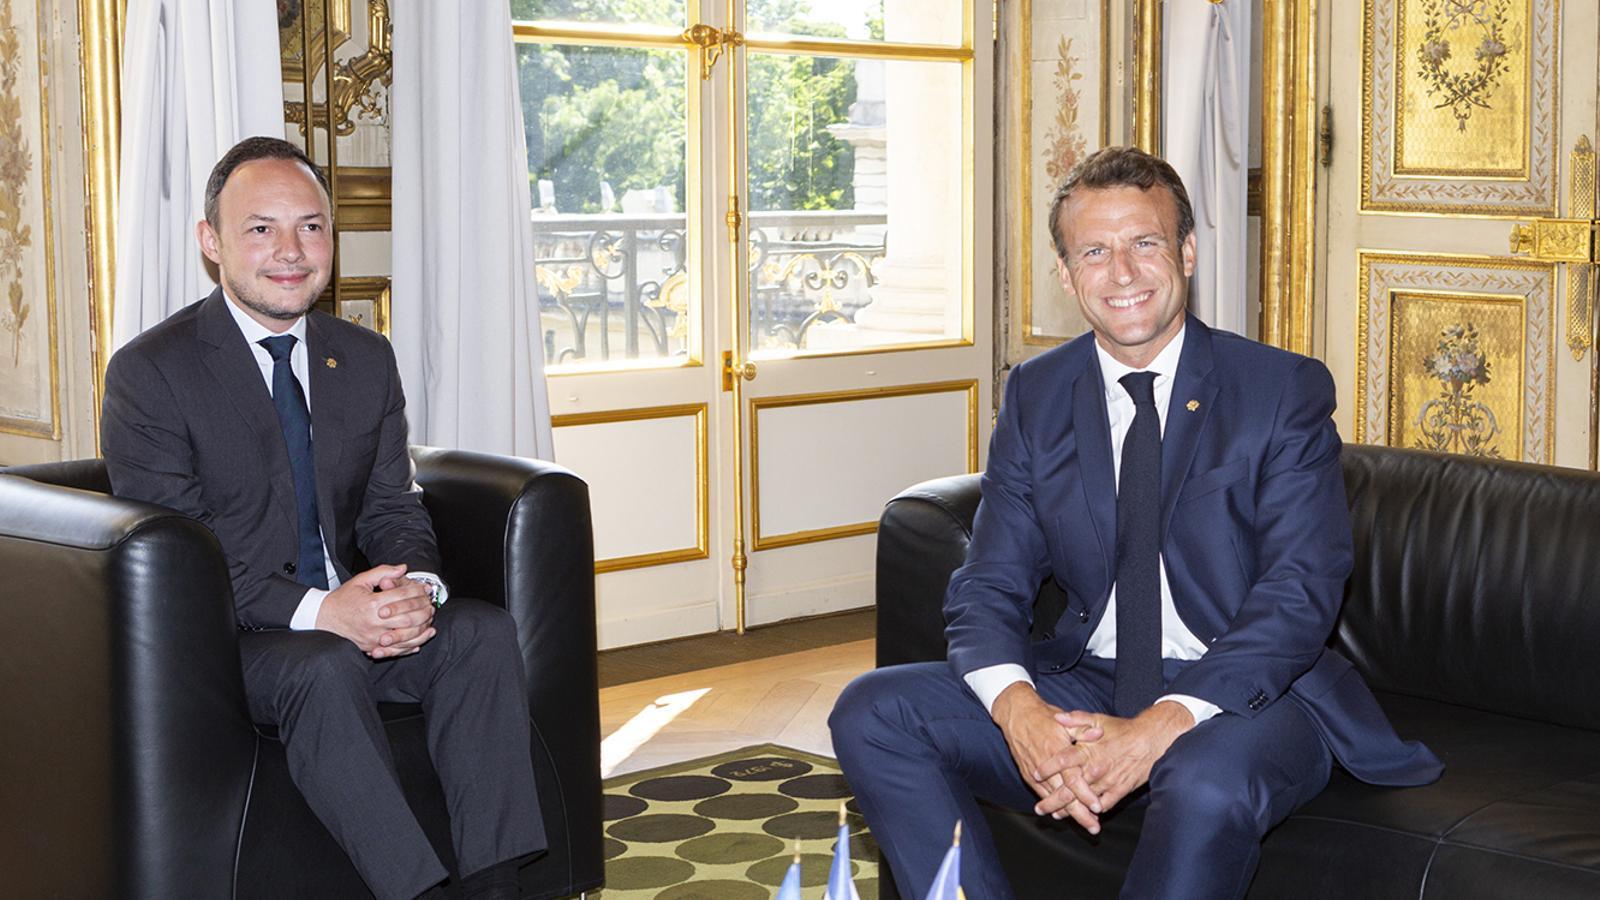 El cap de Govern, Xavier Espot, i el copríncep francès, Emmanuel Macron, durant la trobada. / FERNANDO PÉREZ/EFE